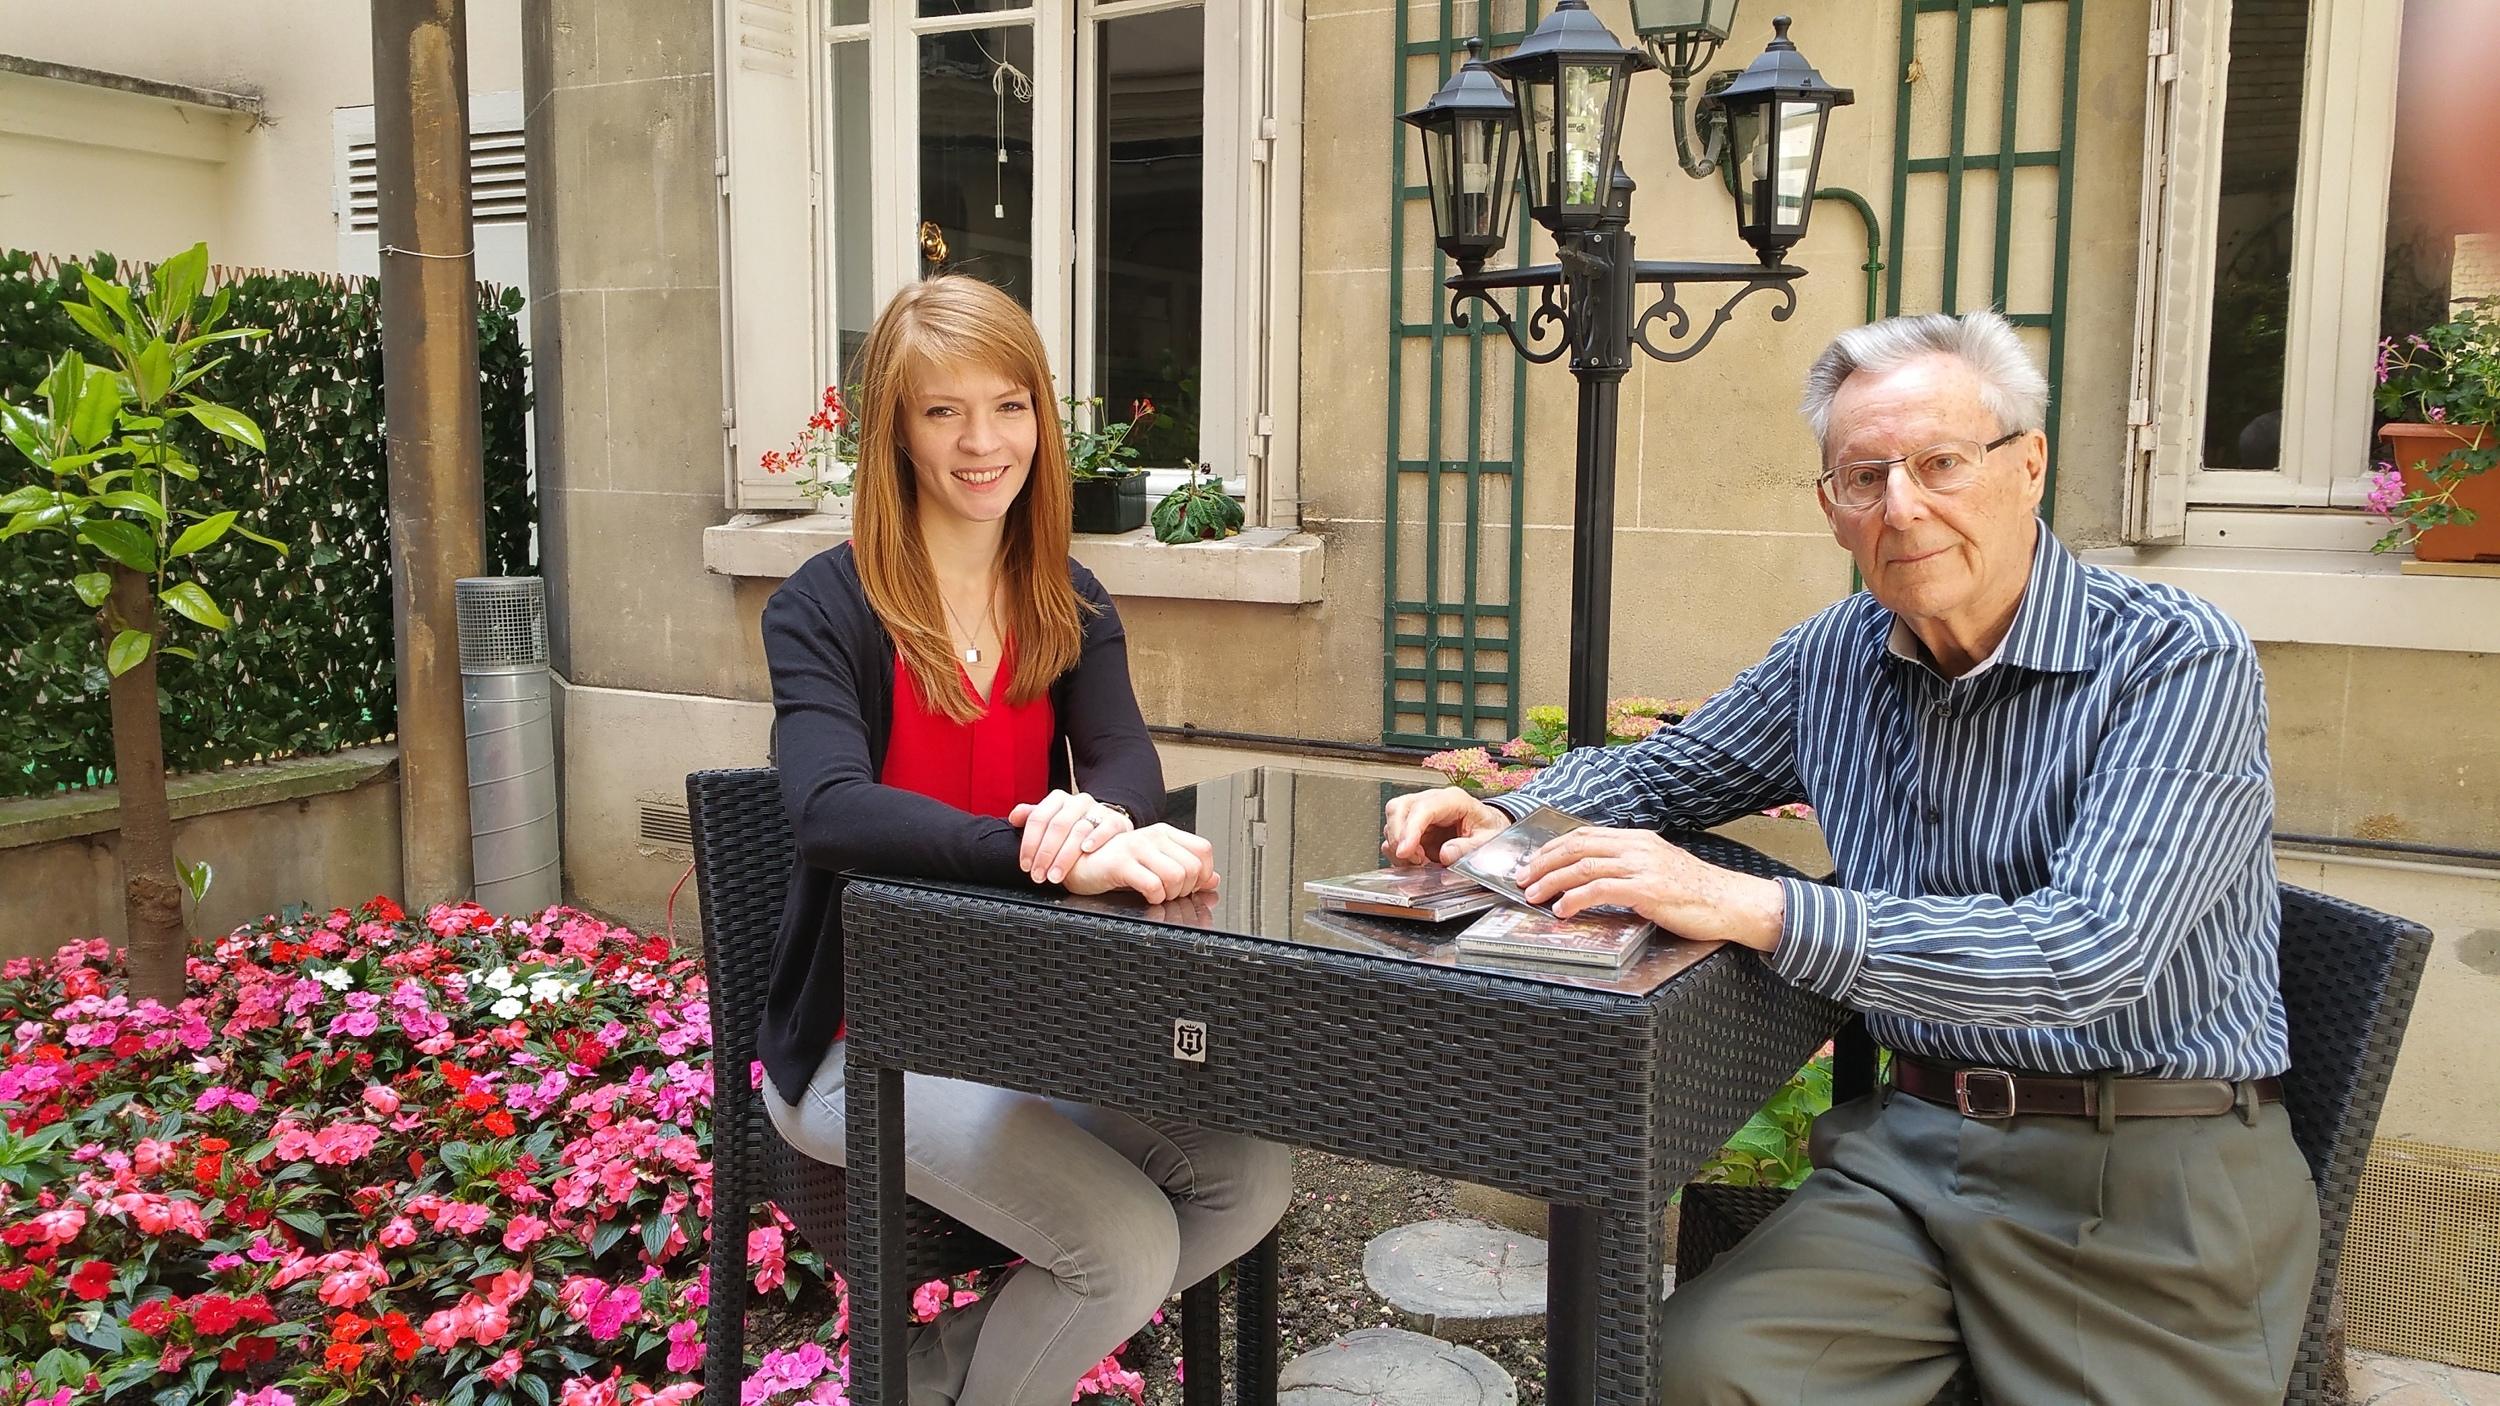 Roger let Laura dans le jardin.jpg